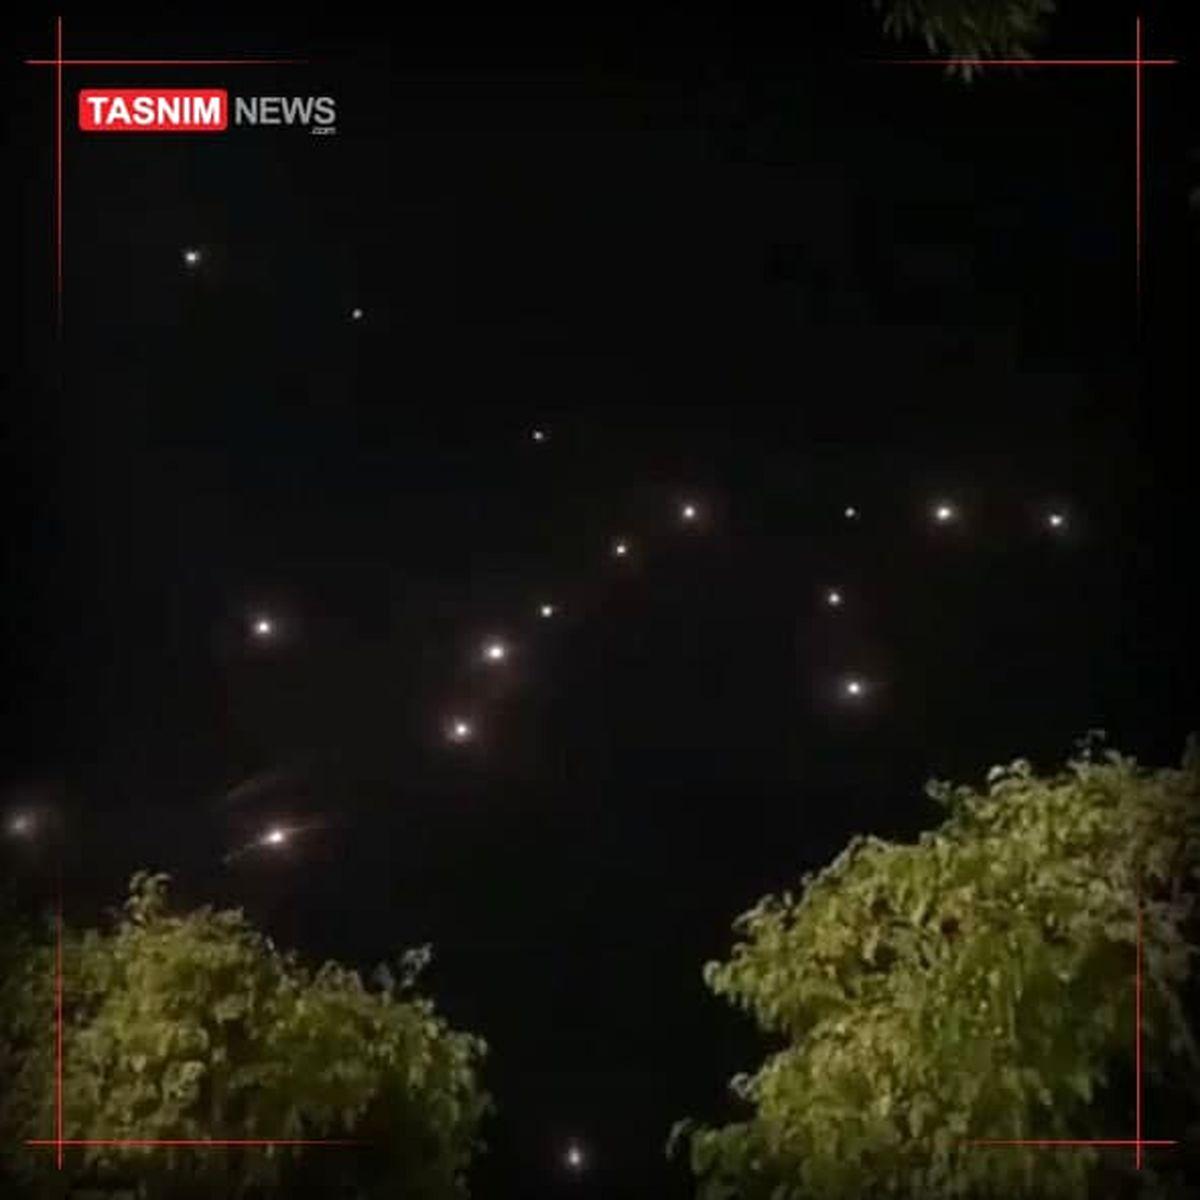 تکبیر عید فطر با آغاز حملات موشکی/استفاده از موشکهای SH85علیه تلآویو +فیلم